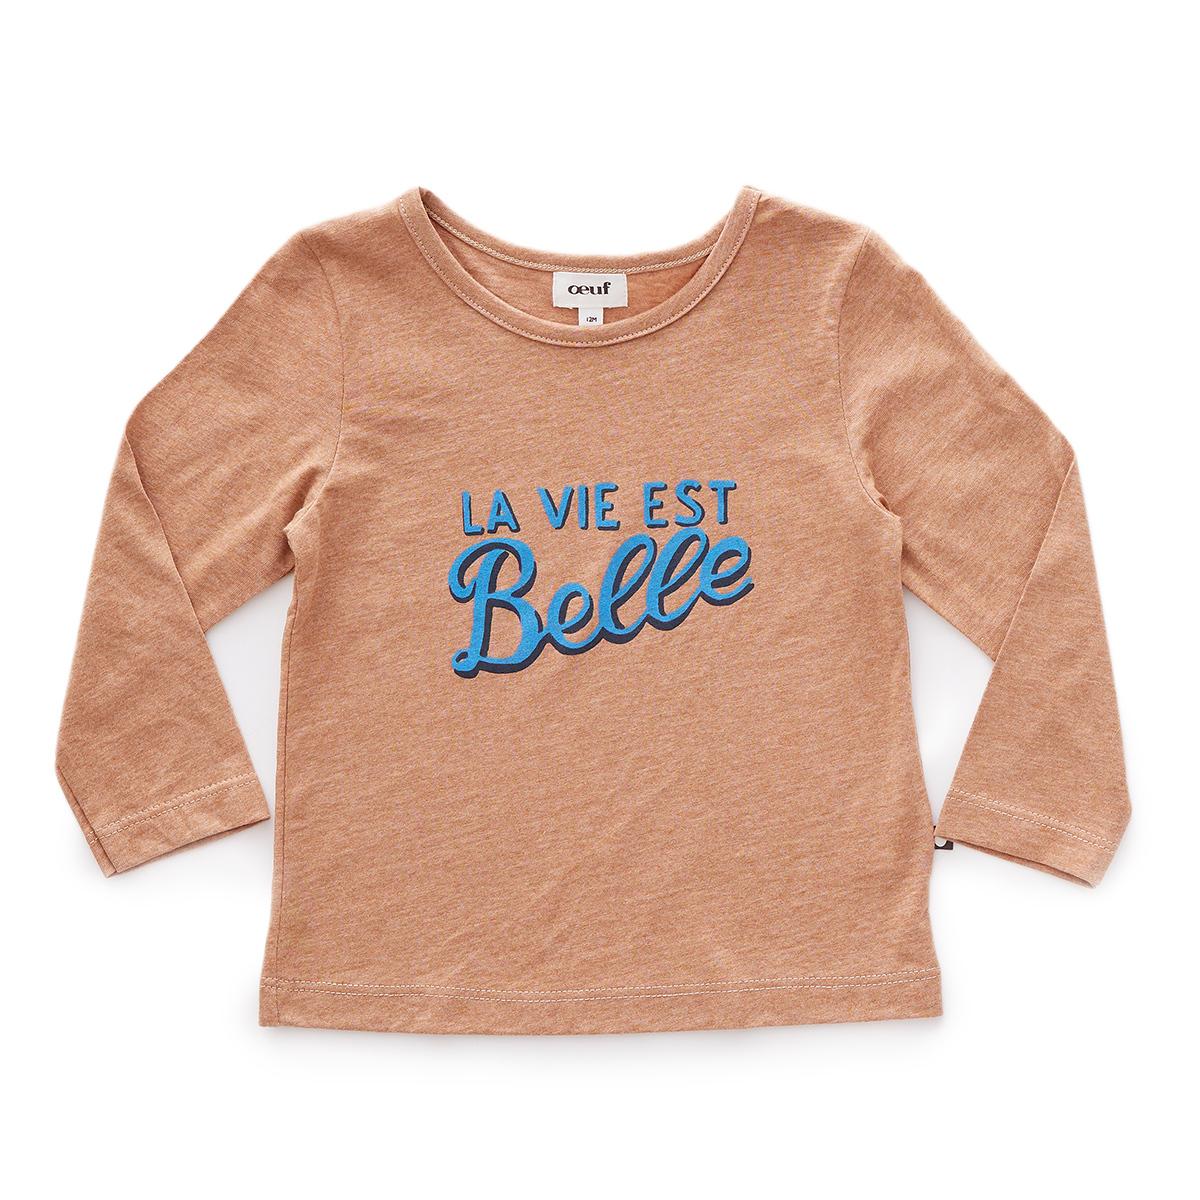 Hauts bébé Tee-shirt La Vie Est Belle Marron - 6 Mois Tee-shirt La Vie Est Belle Marron - 6 Mois